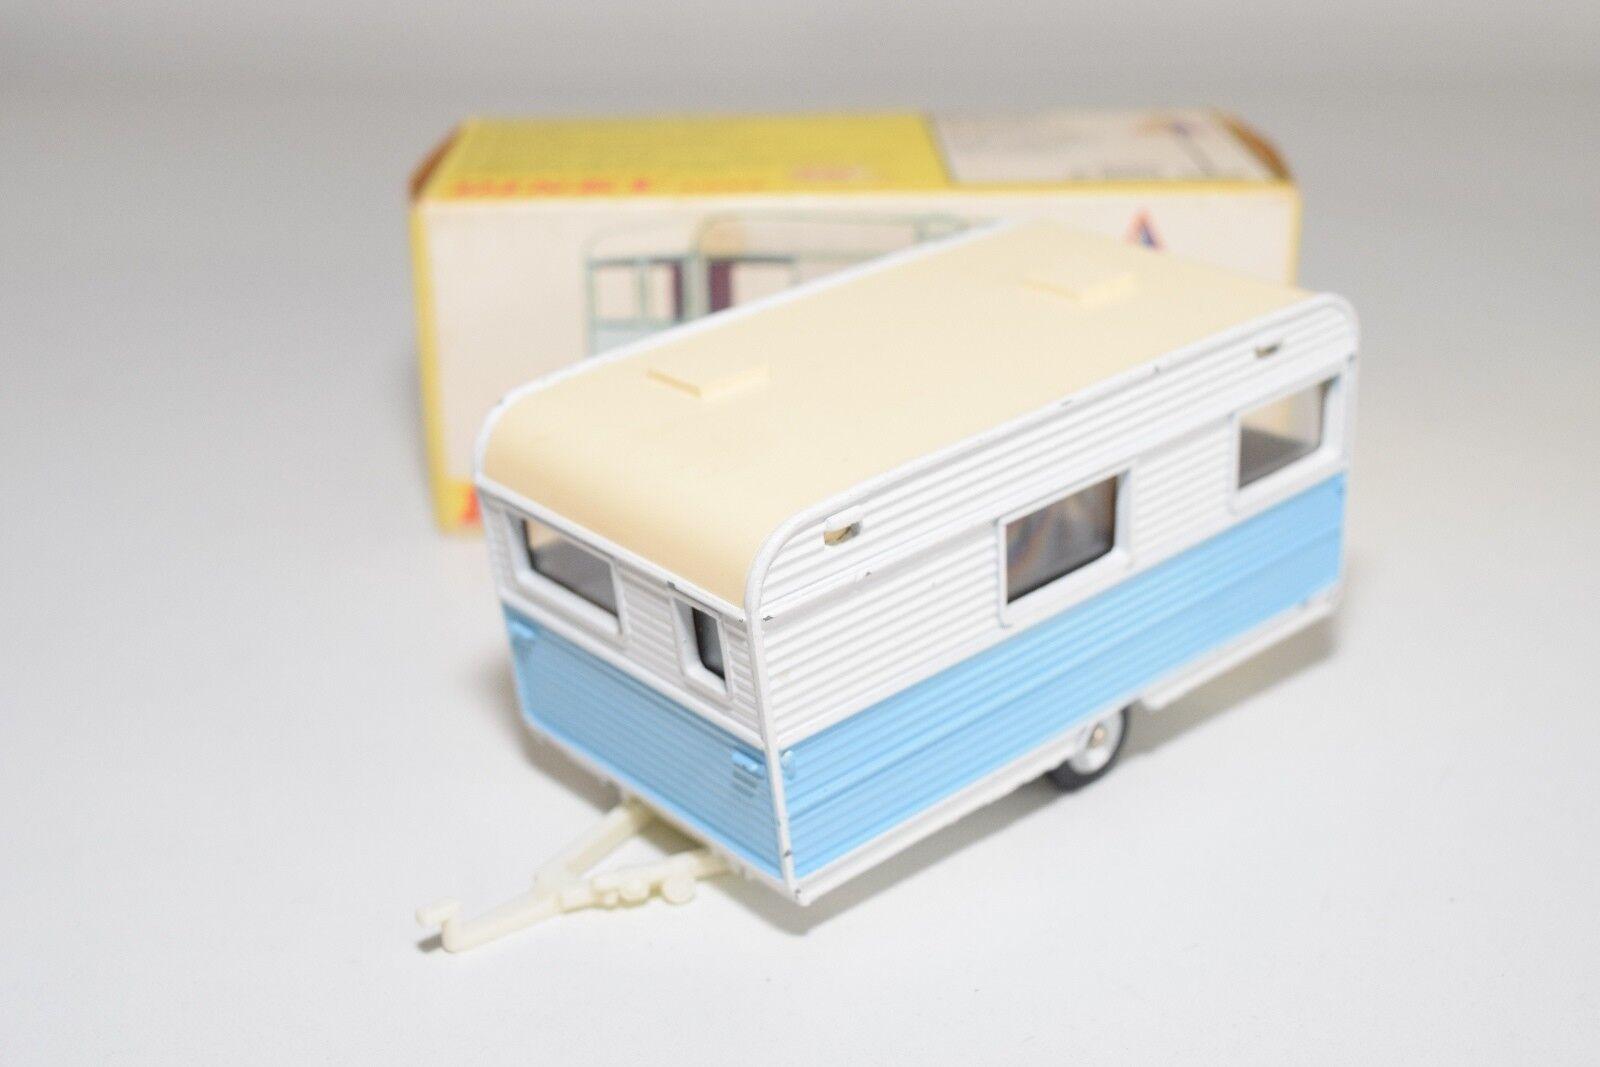 U 1 43 dinky spielzeug 564 wohnwagen caravane caravelair 420 in der nähe von mint umzingelt